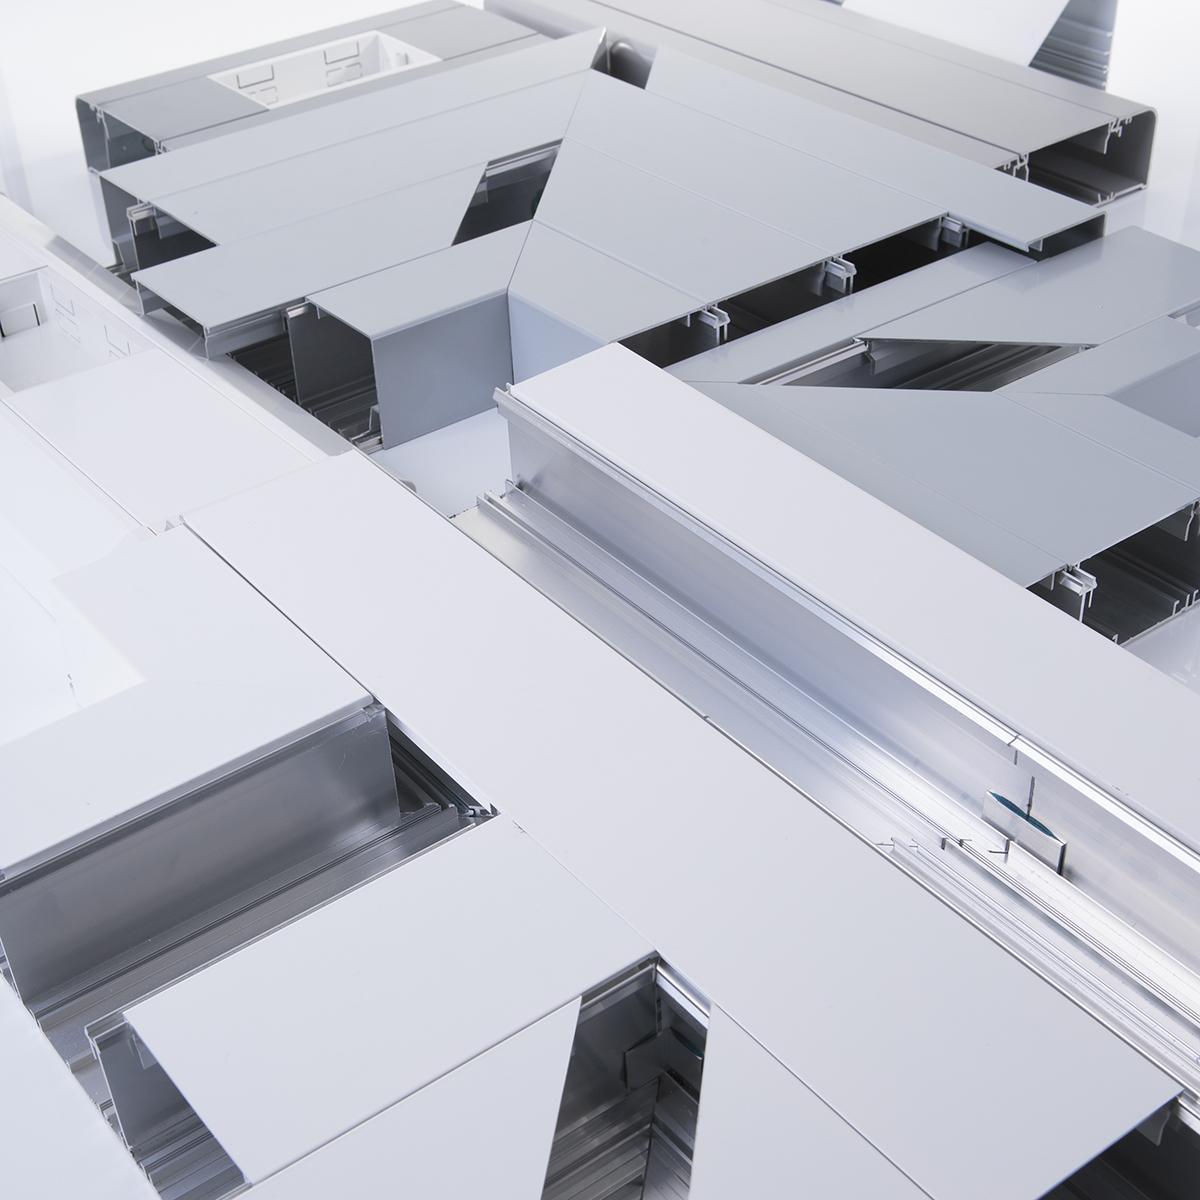 Aluminium Trunking